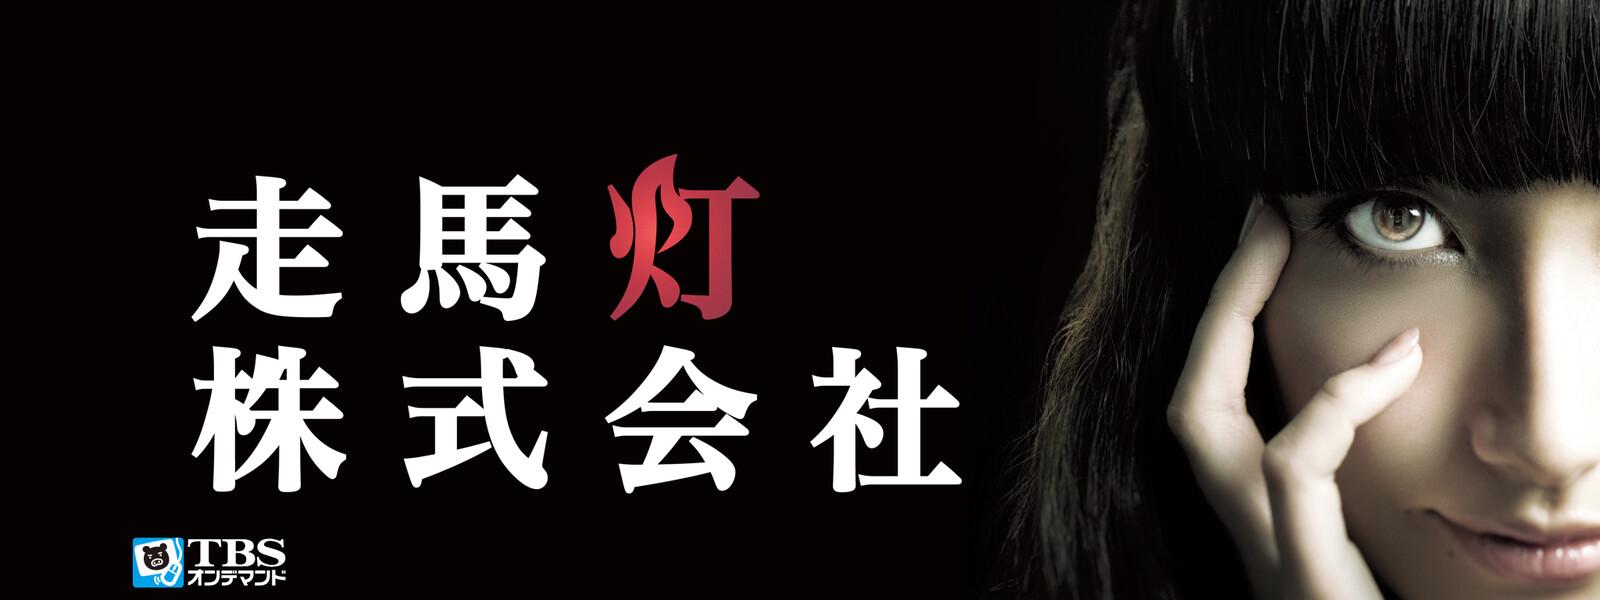 株式 ネタバレ 走馬灯 会社